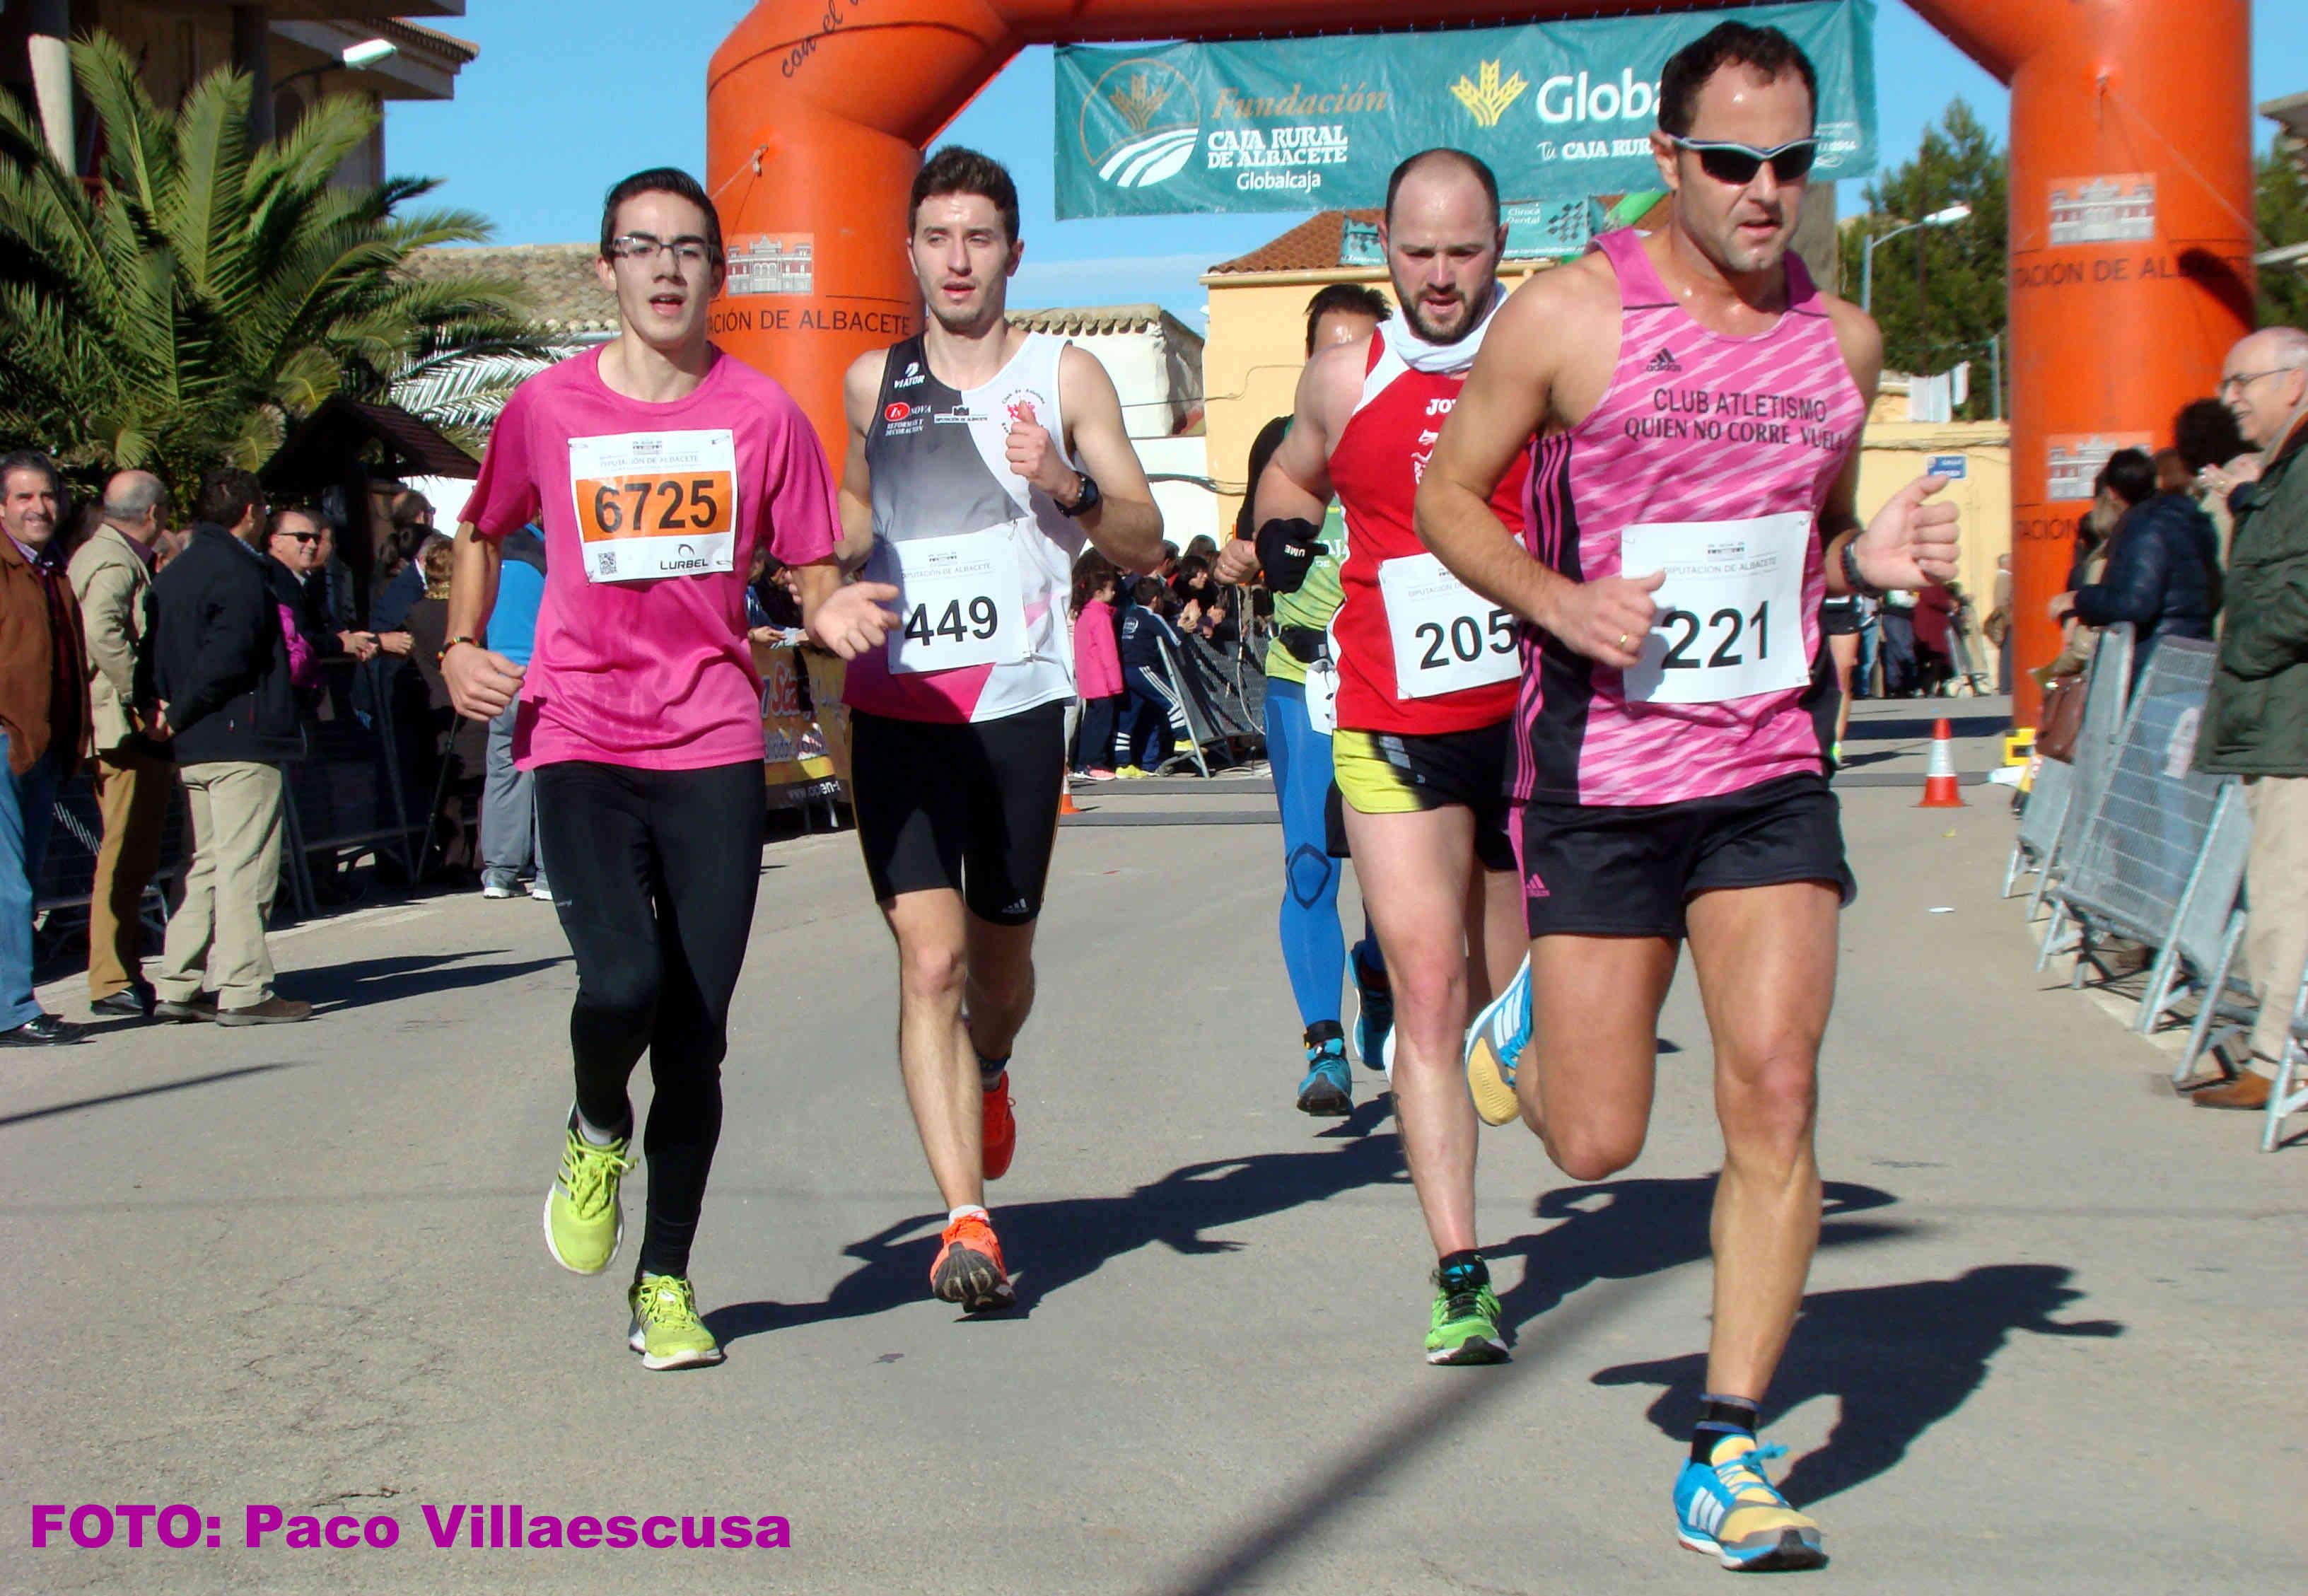 Atletas populares en Navas de Jorquera (Foto: Paco Villaescusa)